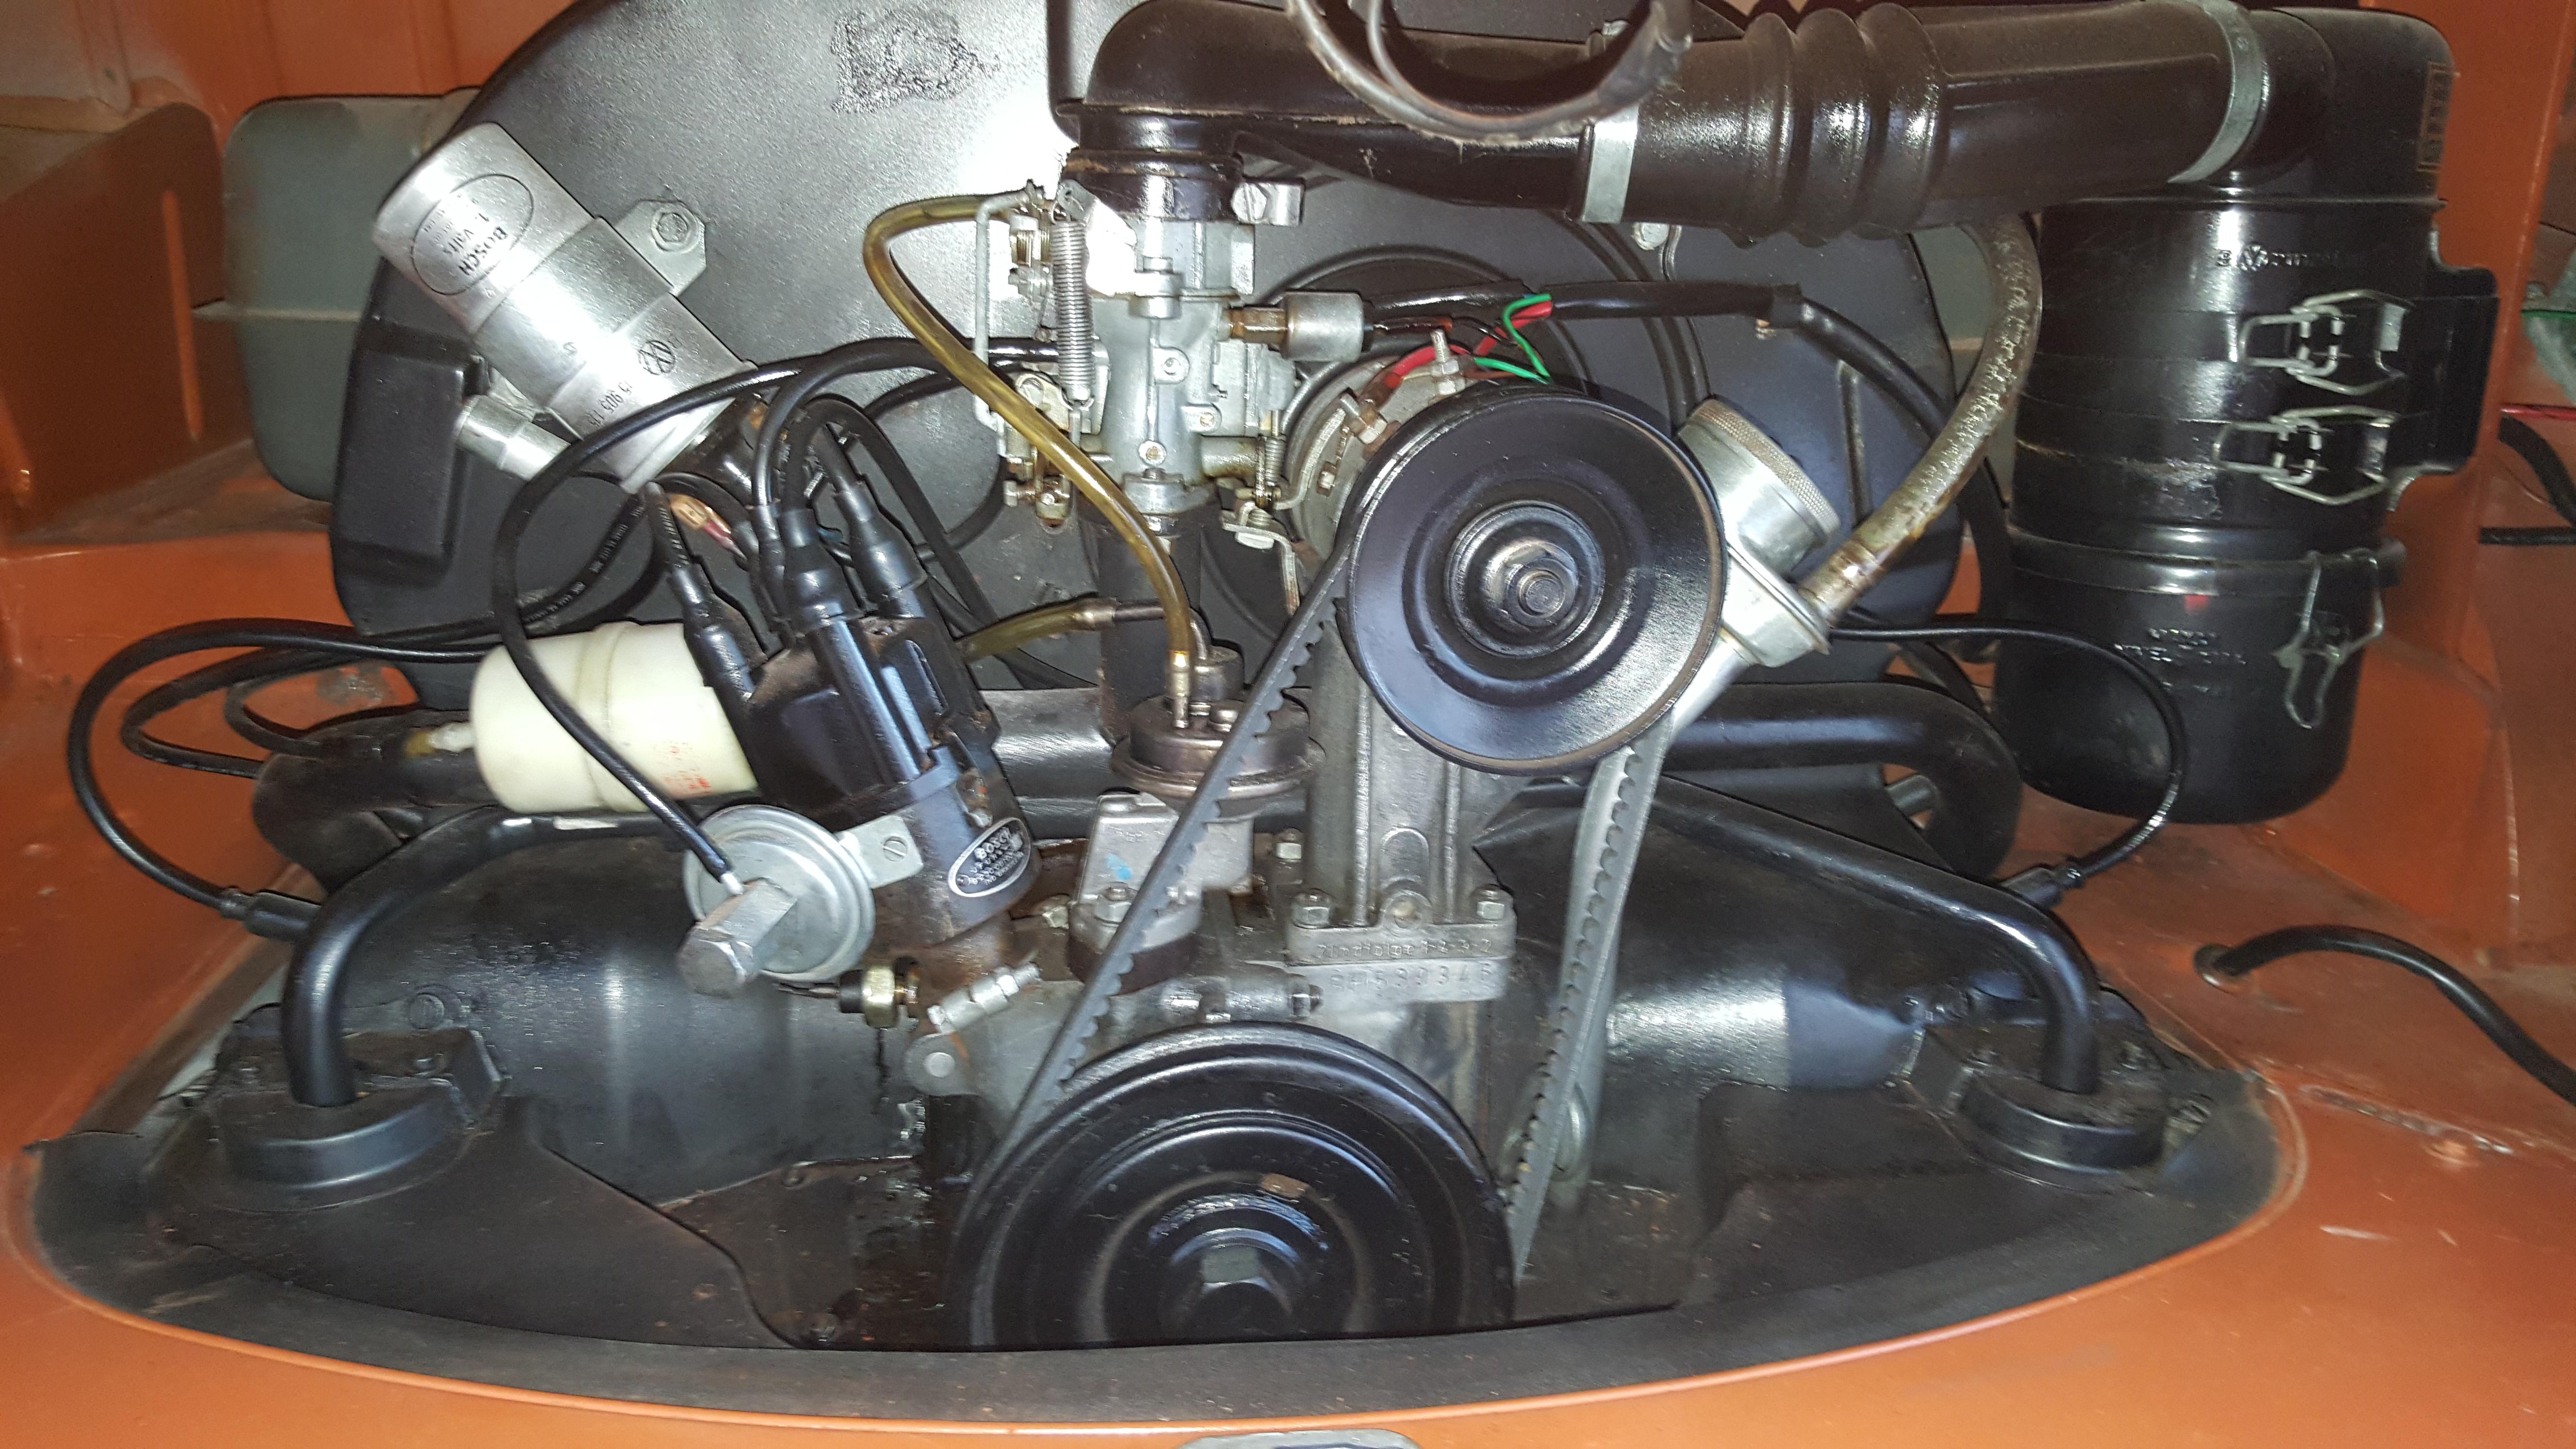 Ernie 1973 split screen kombi